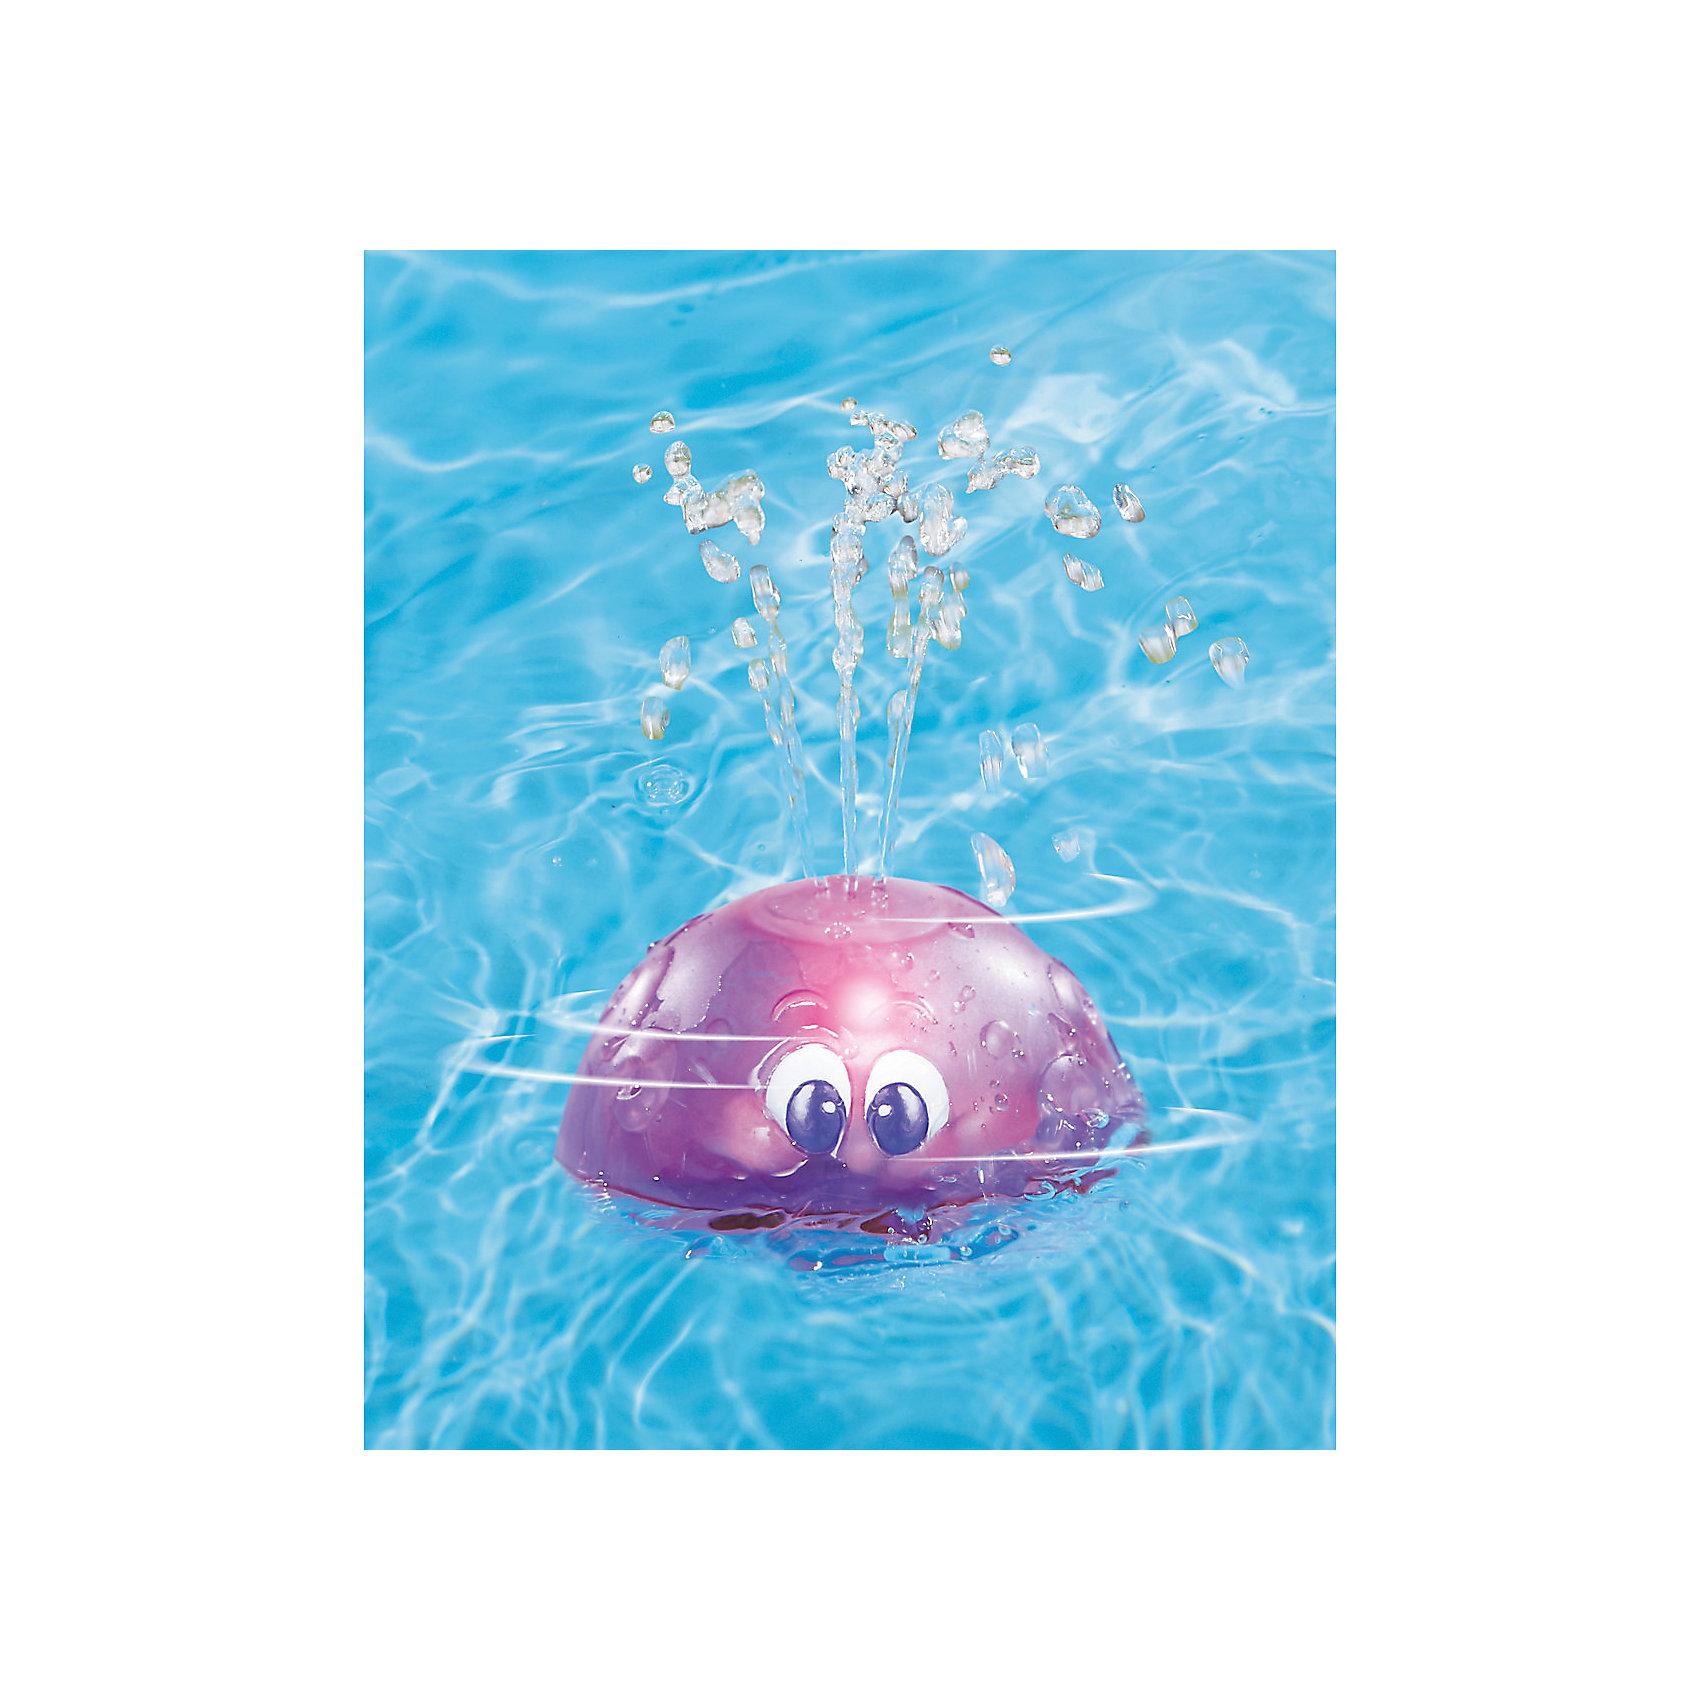 Игрушка для ванны Вращающийся фонтан, Little Tikes, фиолетовыйДинамические игрушки<br>Характеристики товара:<br><br>- цвет: фиолетовый;<br>- материал: пластик;<br>- размер упаковки: 16х11х14 см;<br>- вес: 260 г;<br>- возраст: от 1 года.<br><br>Играть в ванне - вдвойне интереснее! Такие игрушки для ванны подразумевают множество вариантов игр, поэтому она станет желанным подарком для ребенка. Если опустить игрушку в воду и включить - она будет вращаться, заработает подсветка, а сверху будут вырываться струйки воды. Такое изделие отлично тренирует у ребенка разные навыки: оно развивает мелкую моторику, цветовосприятие, внимание, воображение и творческое мышление. <br>Из этих фигурок разного цвета можно собрать целую коллекцию! Изделие произведено из высококачественного материала, безопасного для детей.<br><br>Игрушку для ванны Вращающийся фонтан от бренда Little Tikes можно купить в нашем интернет-магазине.<br><br>Ширина мм: 160<br>Глубина мм: 140<br>Высота мм: 110<br>Вес г: 257<br>Возраст от месяцев: 36<br>Возраст до месяцев: 2147483647<br>Пол: Унисекс<br>Возраст: Детский<br>SKU: 5140210